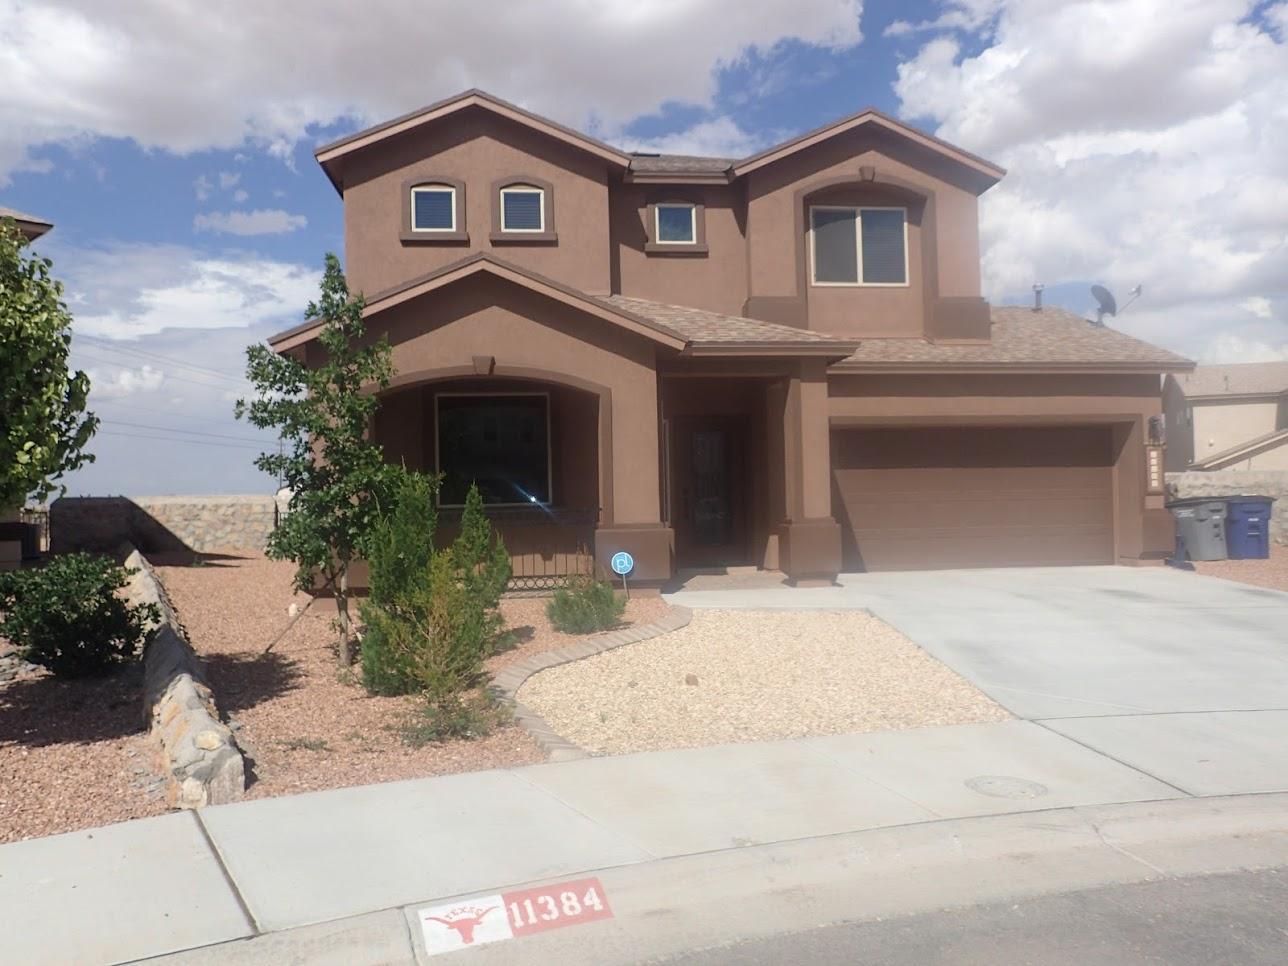 11384 BAR RANCH, El Paso, Texas 79934, 6 Bedrooms Bedrooms, ,3 BathroomsBathrooms,Residential,For sale,BAR RANCH,813371